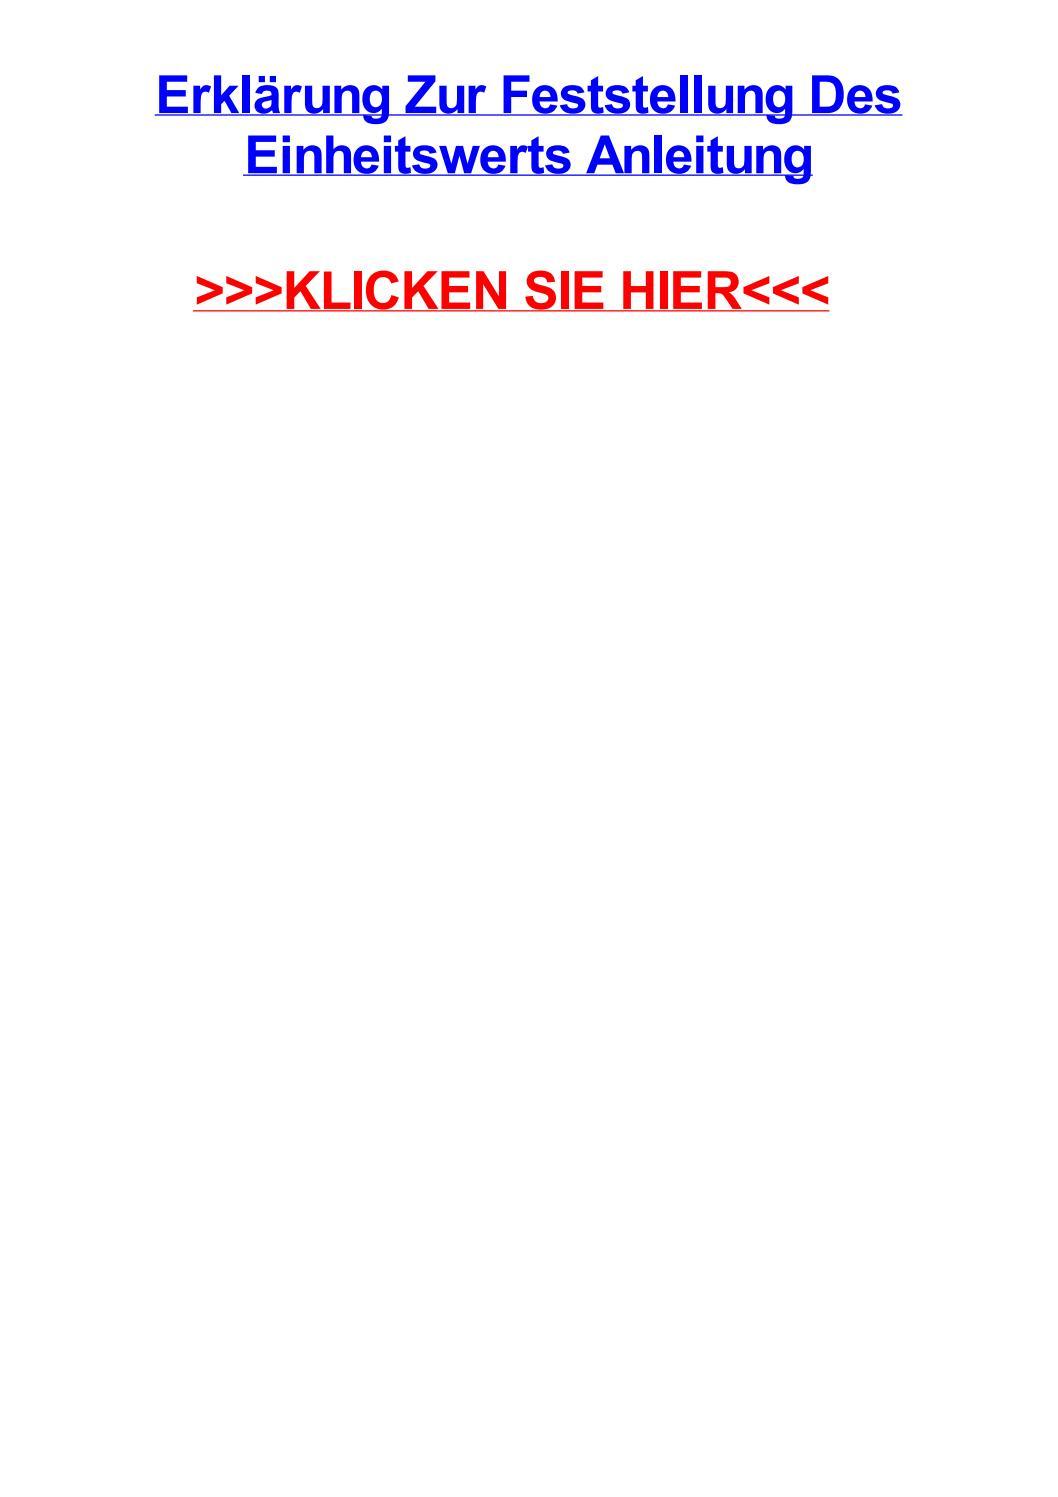 Atemberaubend Zeitgenössischer Lebenslauf Erbauer Galerie - Beispiel ...